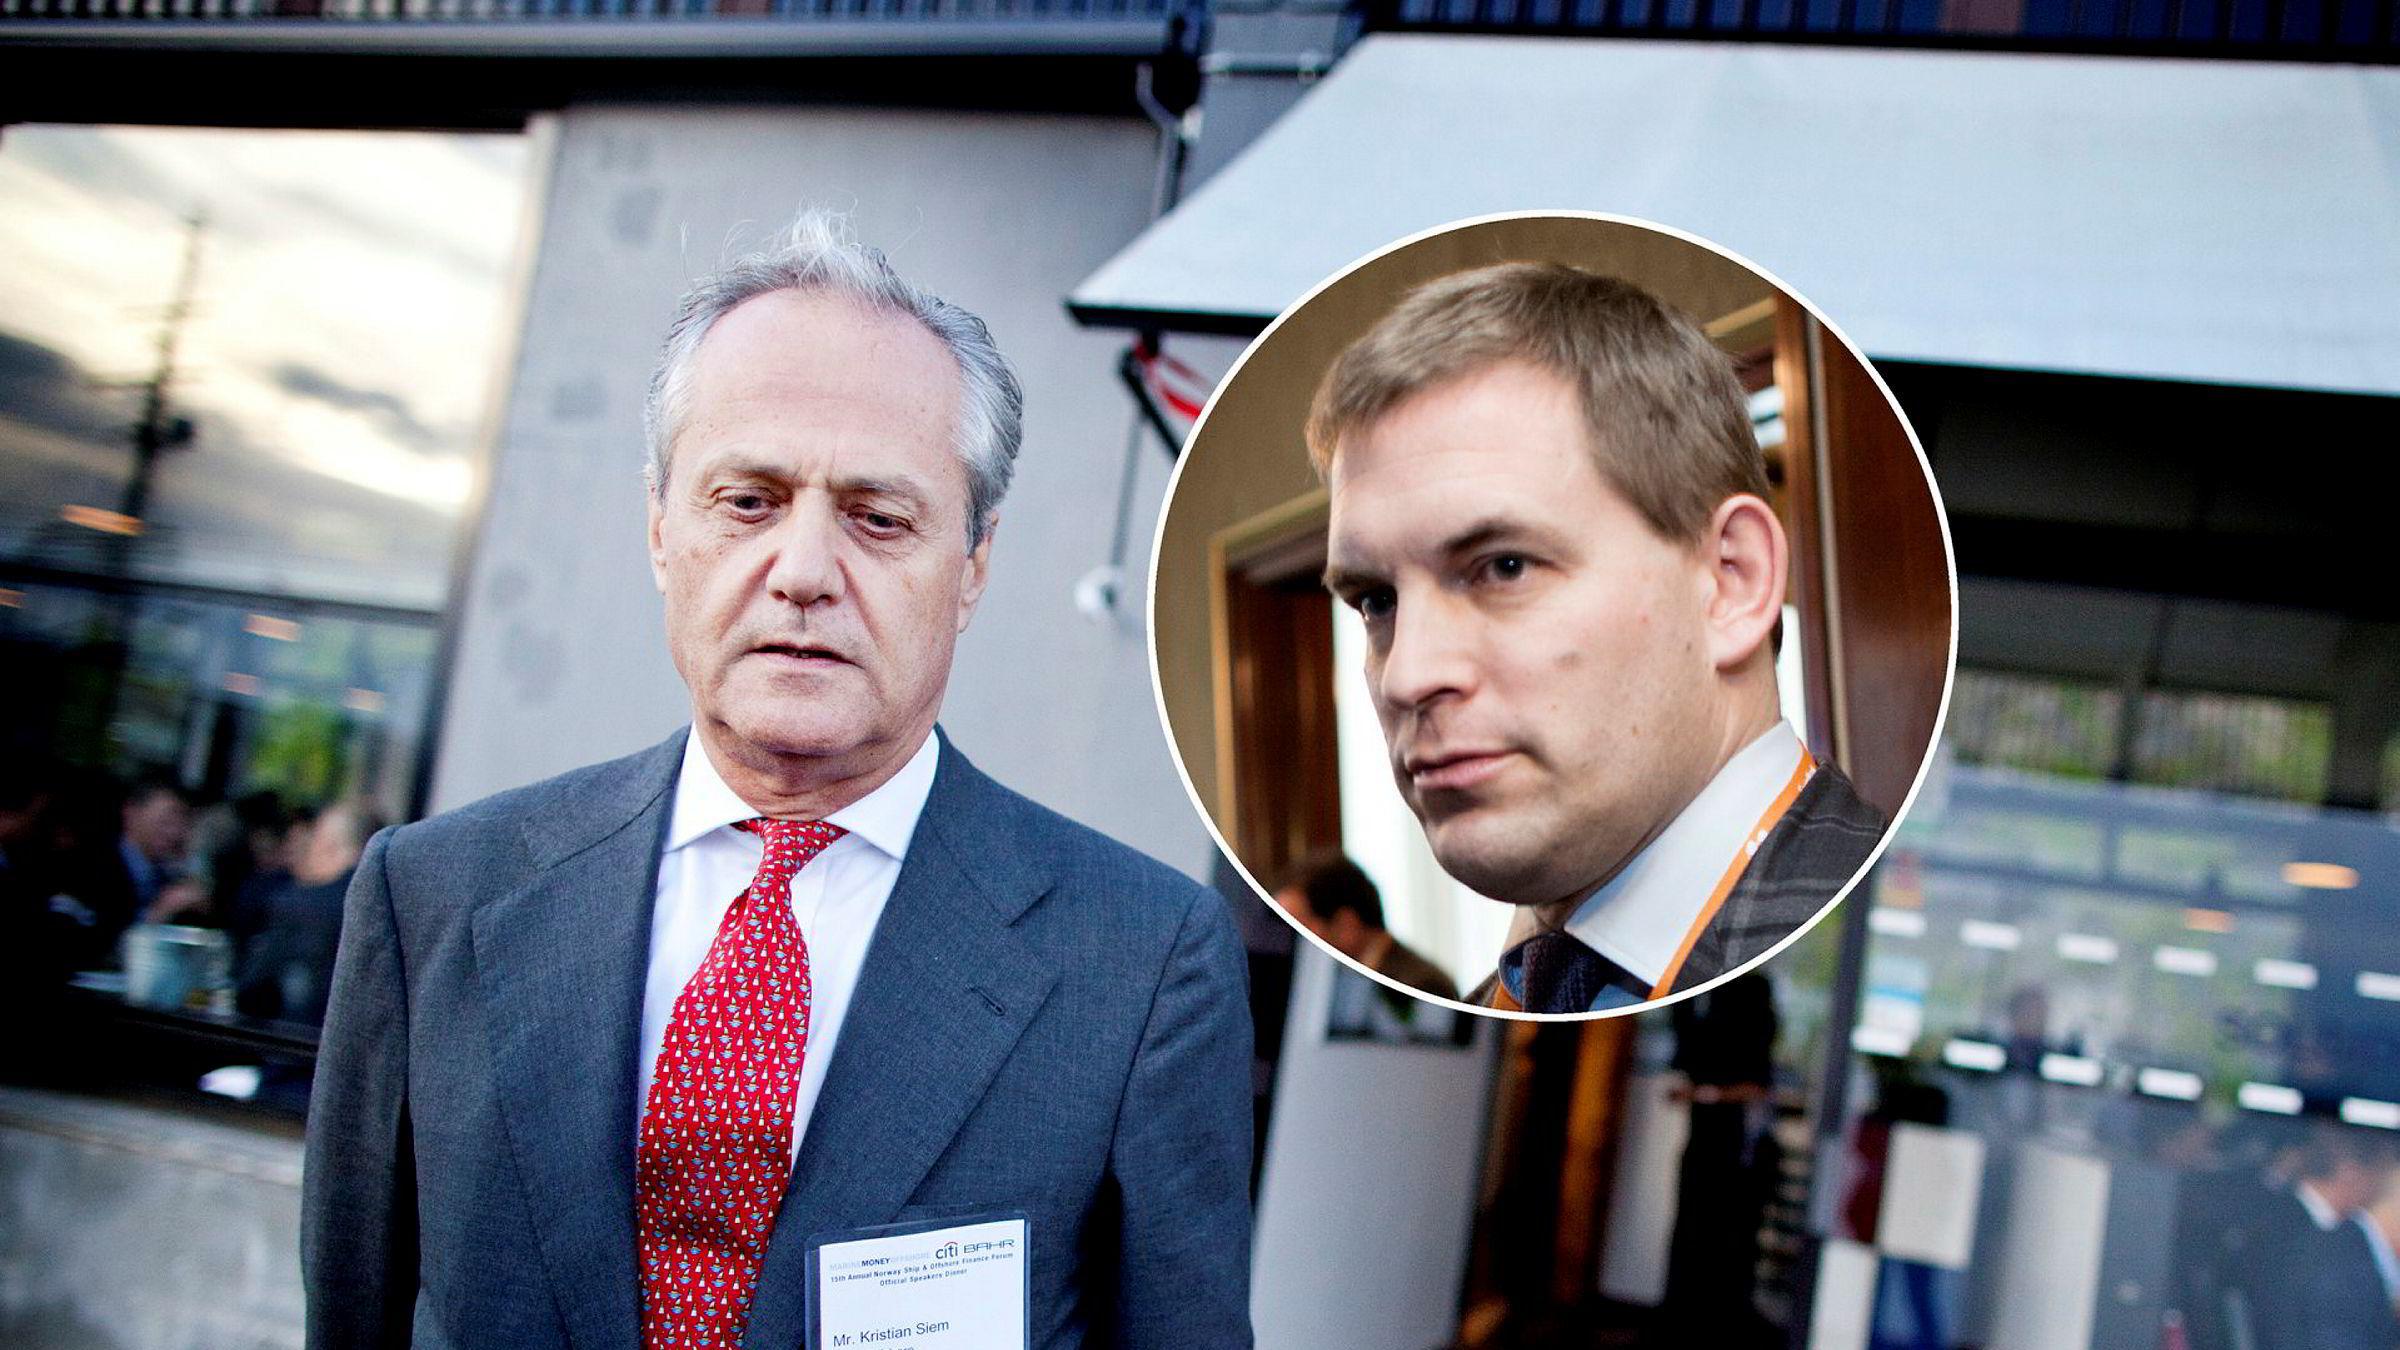 De største eierne i EMGS er investor Kristian Siem gjennom Siem Investments og bergensinvestor Frederik W. Mohn (innfelt) gjennom Perestroika.